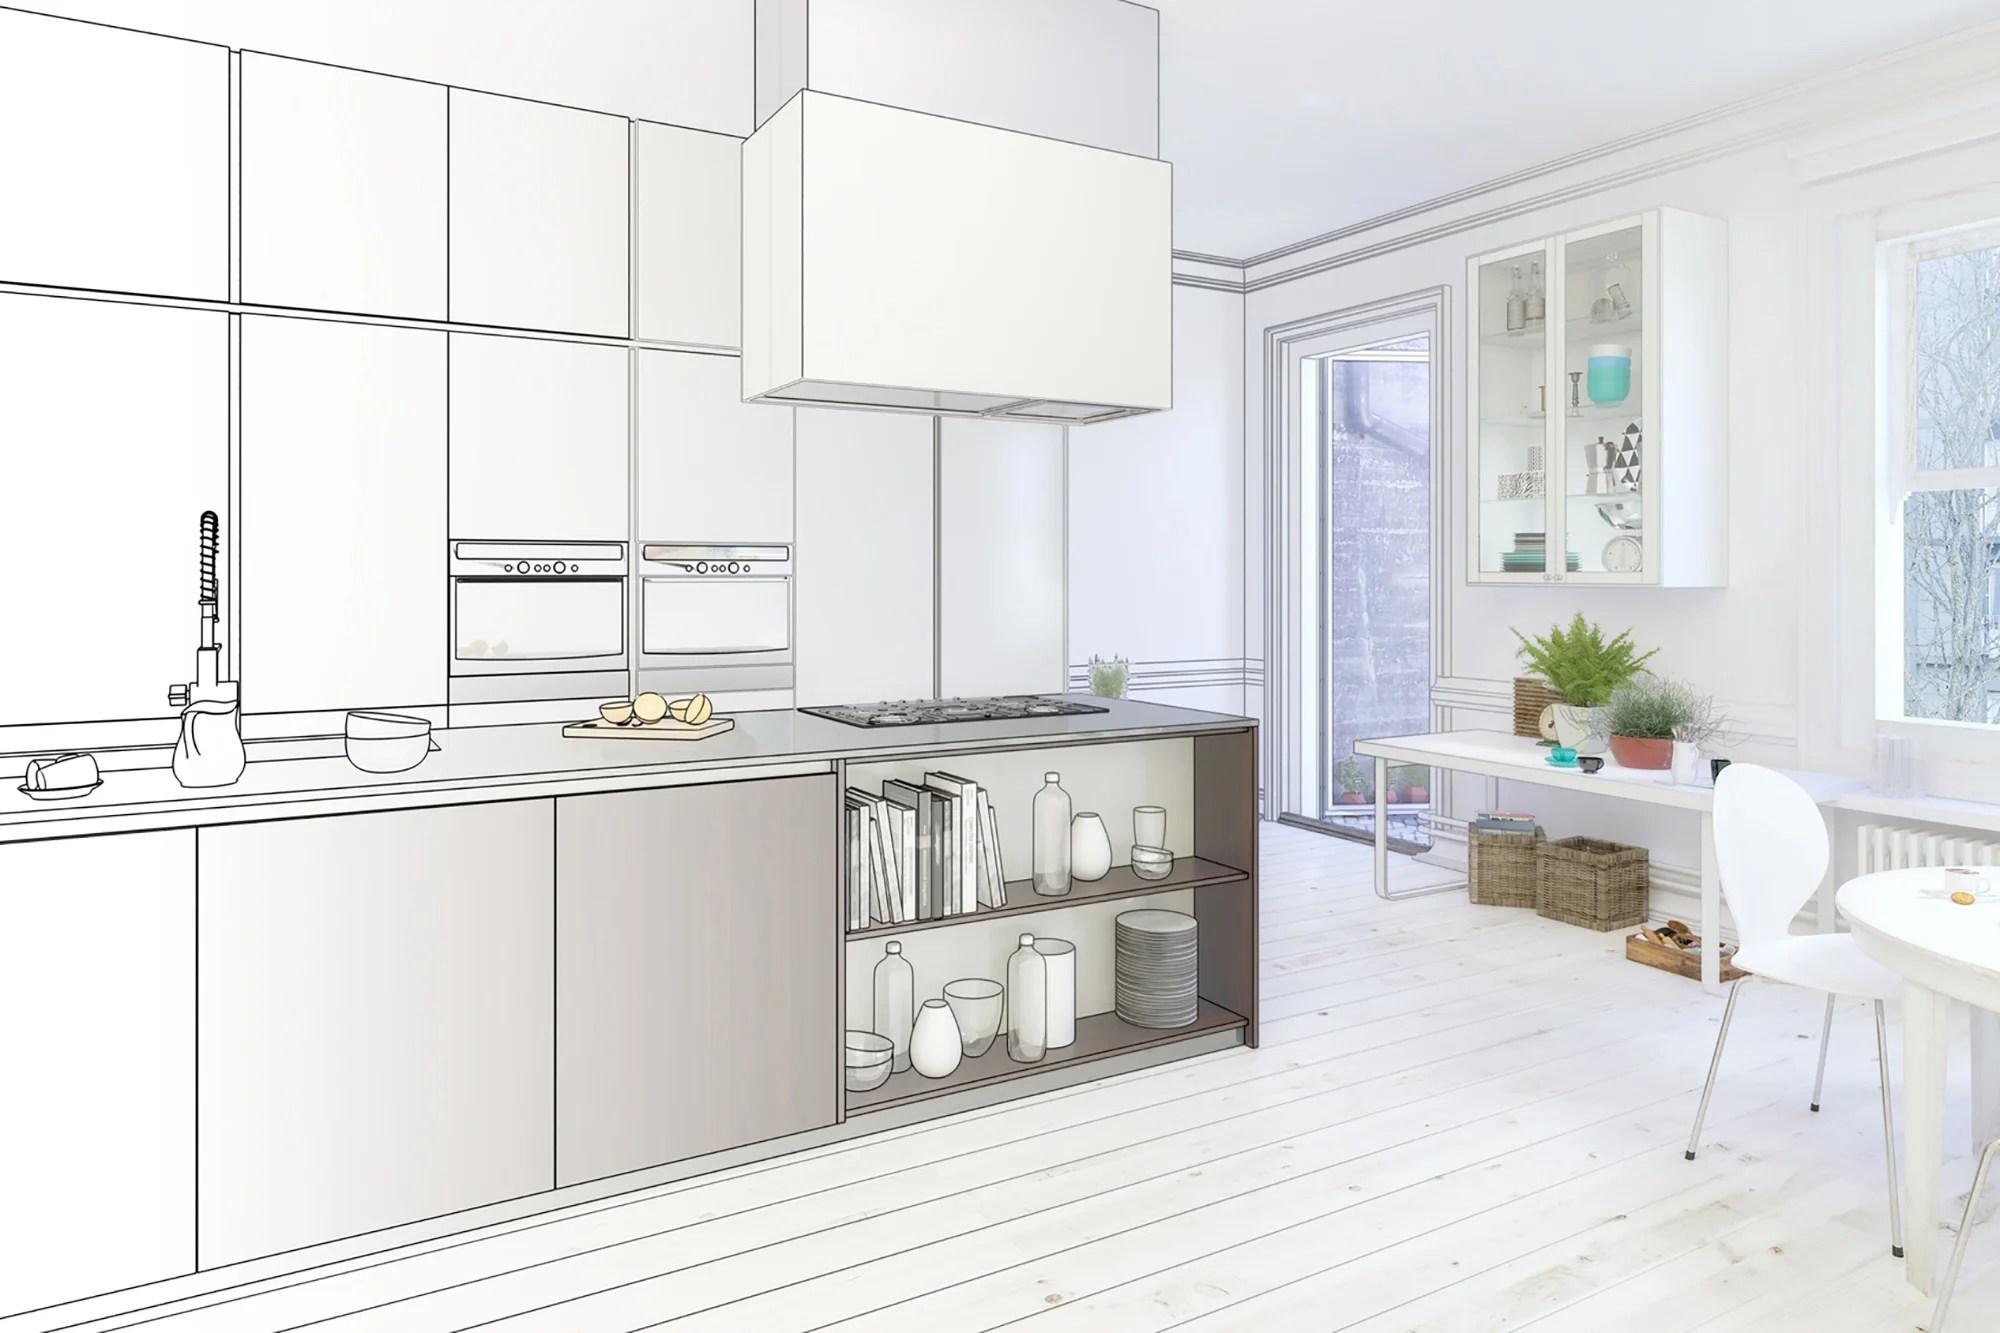 Charmant Rezepte Höllen Küche Galerie - Ideen Für Die Küche ...